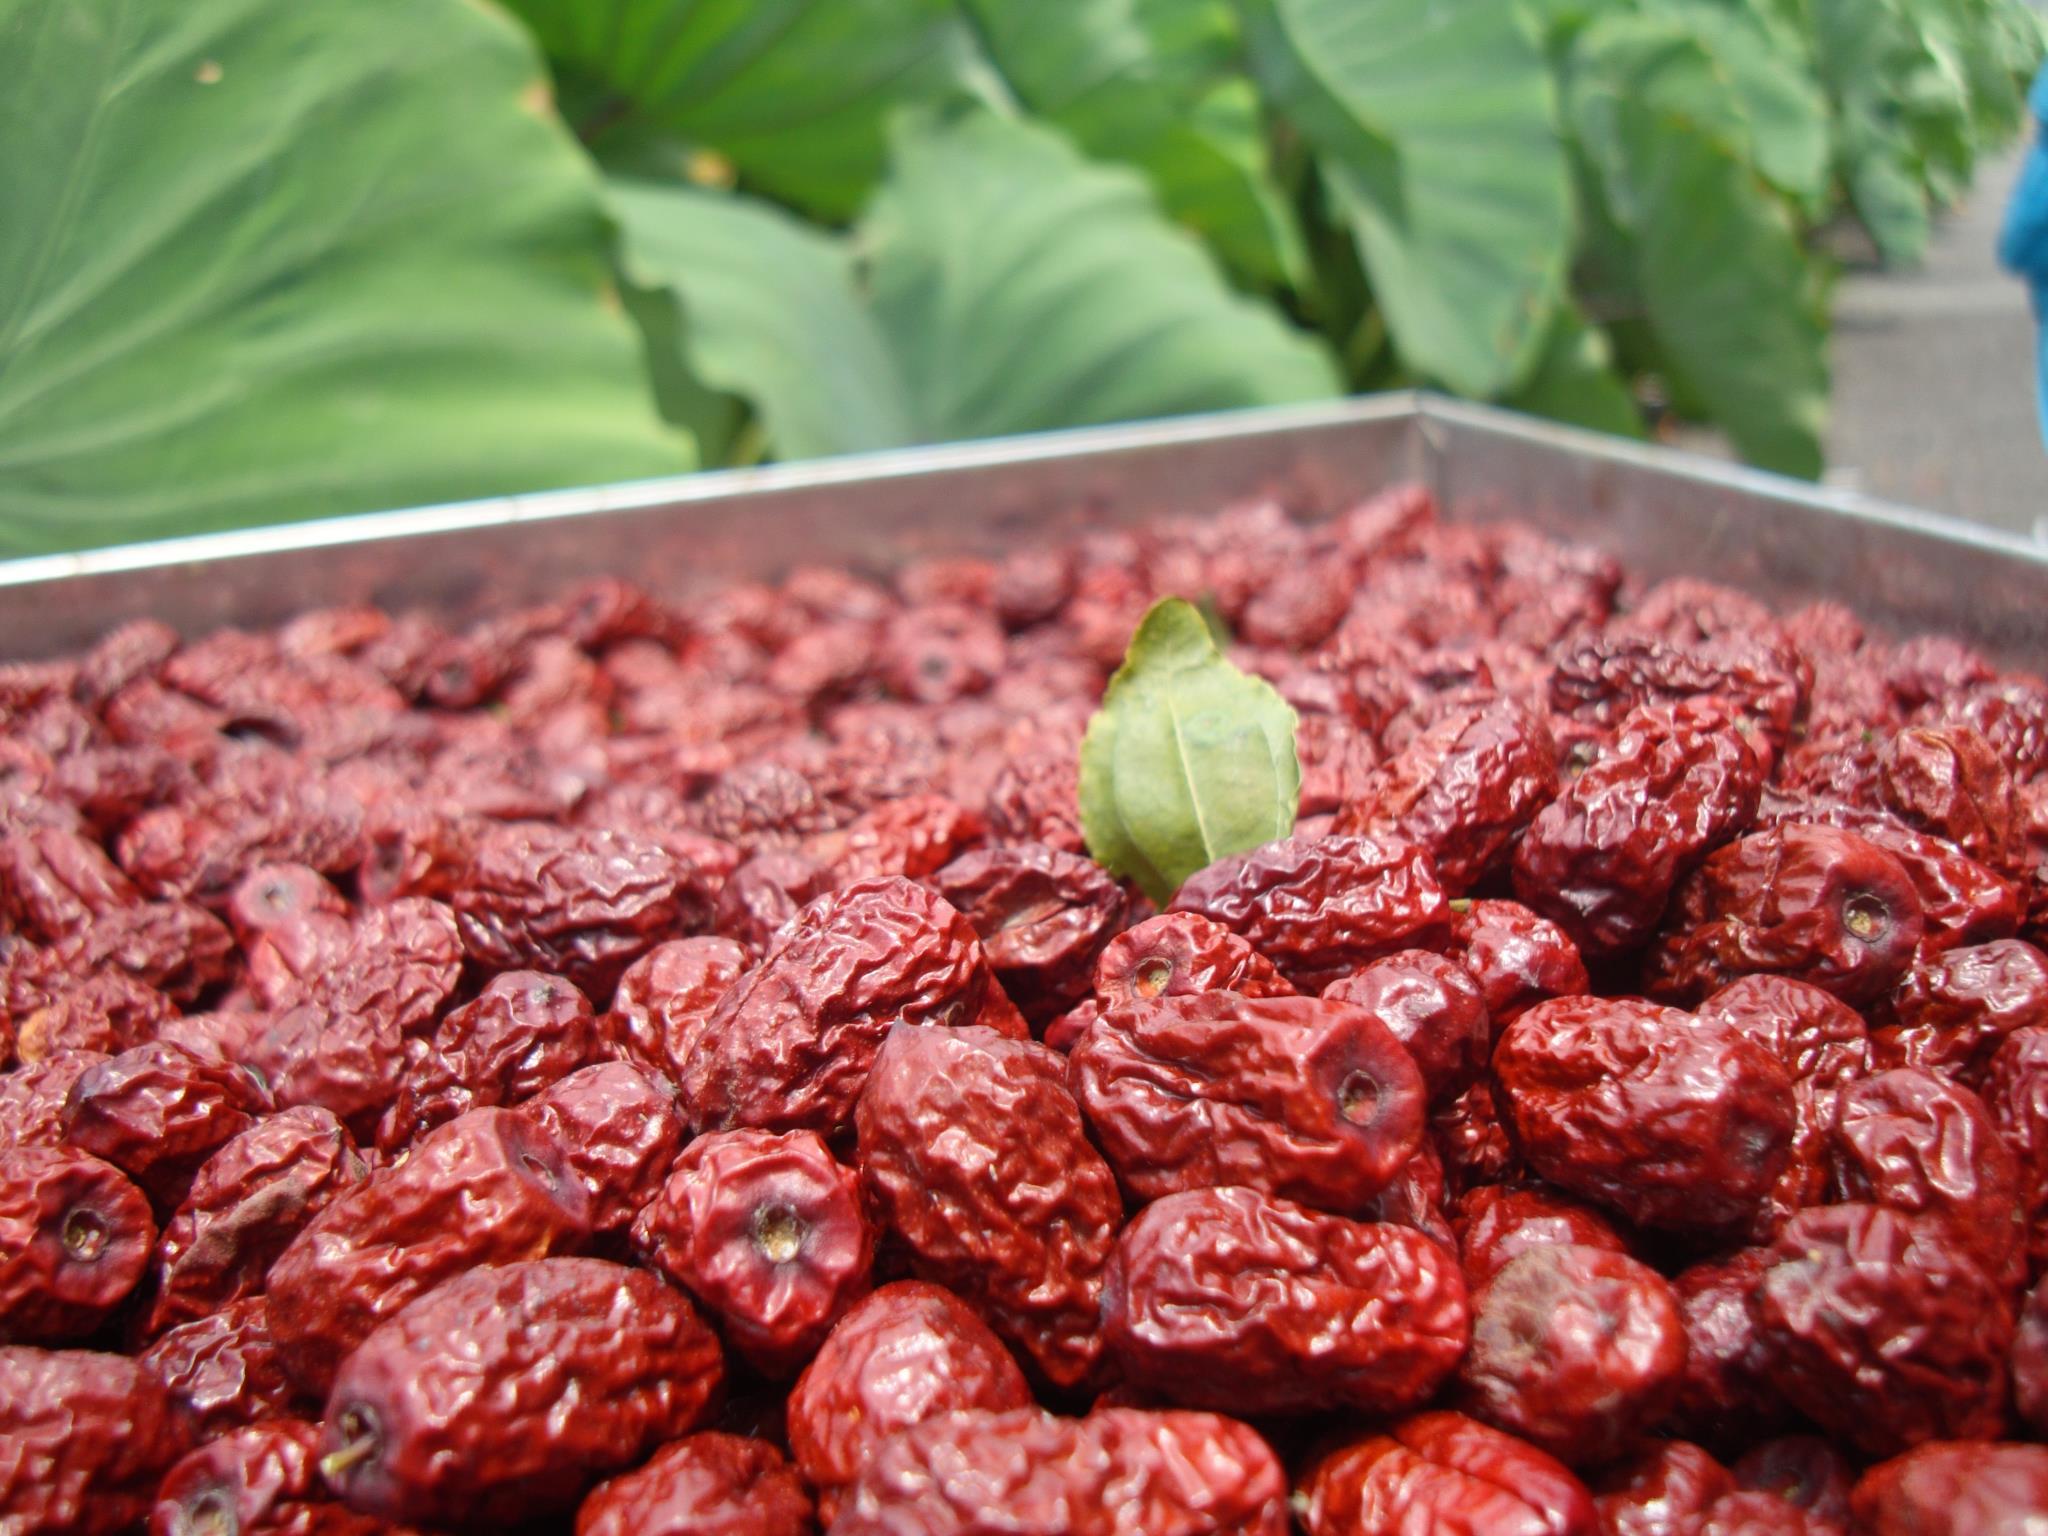 新鮮紅棗你吃過嗎?紅棗好處、挑選技巧、紅棗食譜一次告訴你!